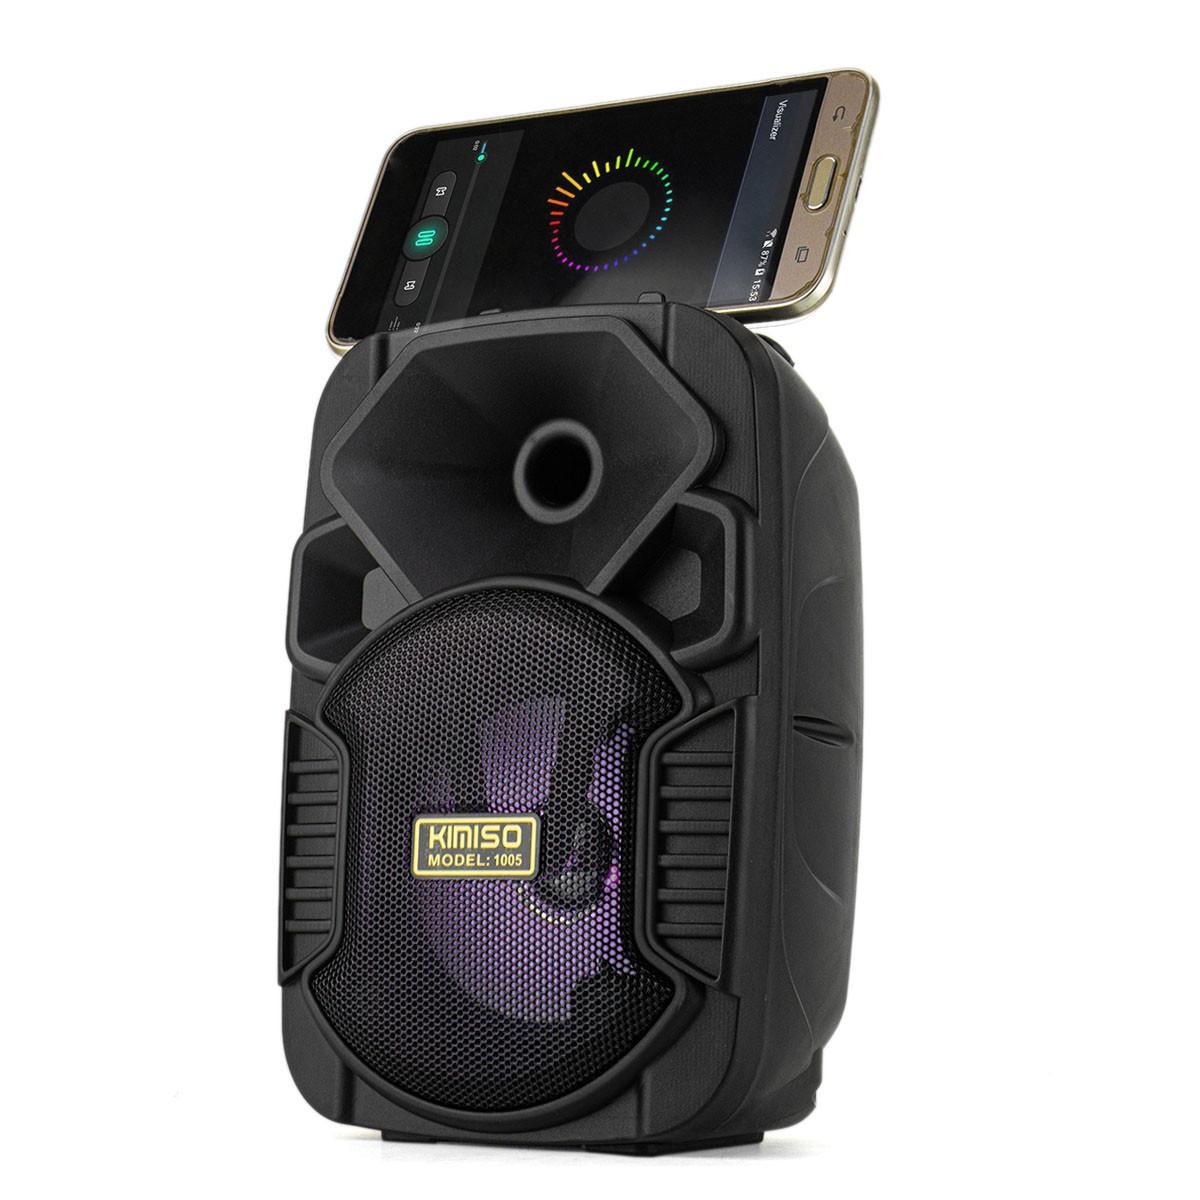 Caixa de Som Bluetooth Portátil 5 Watts RMS com Entrada USB Micro SD P2 Kimiso KMS-1005